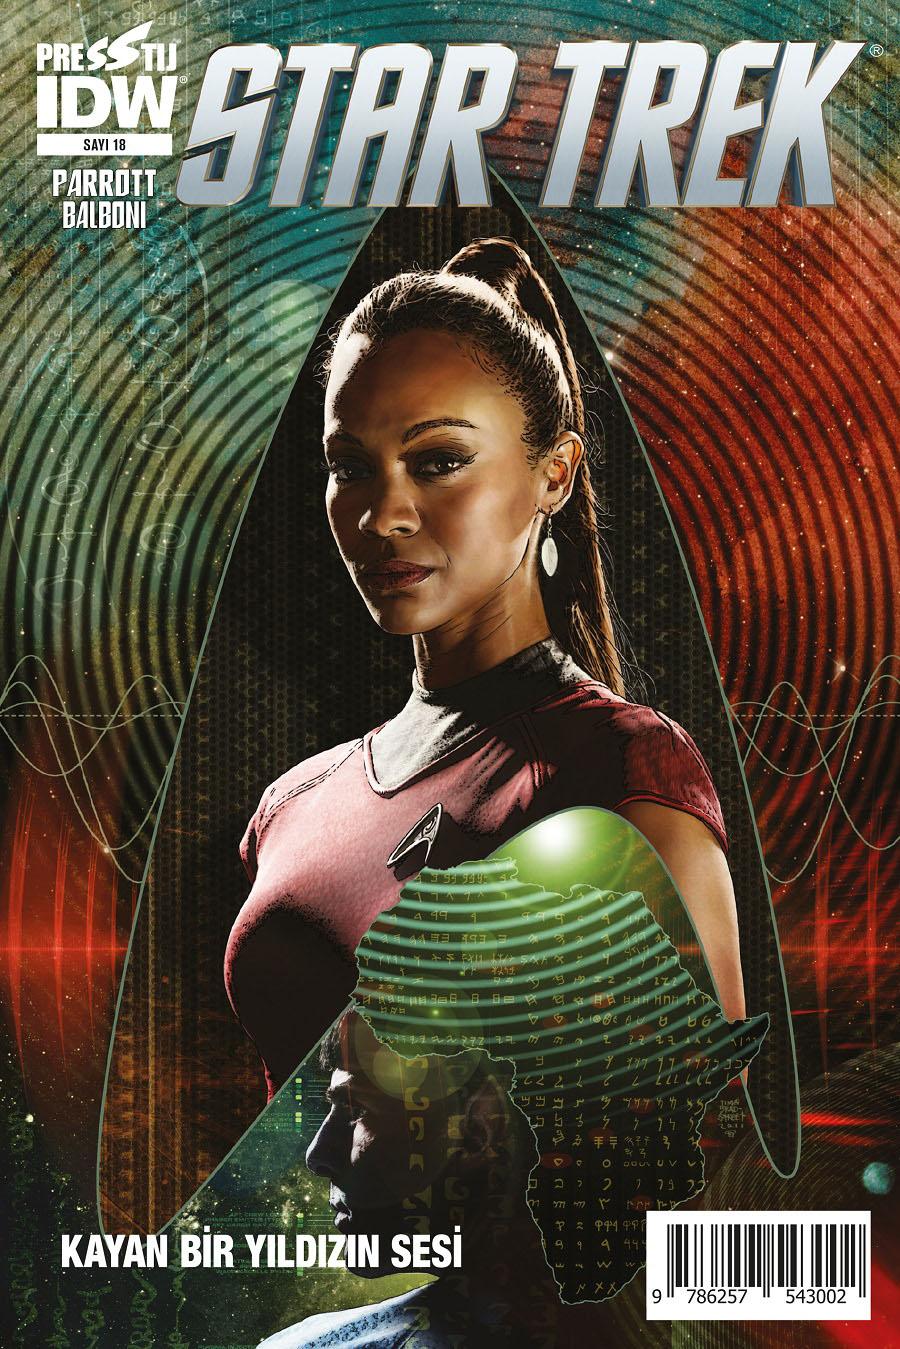 Star Trek Sayı 18: Kayan Bir Yıldızın Sesi